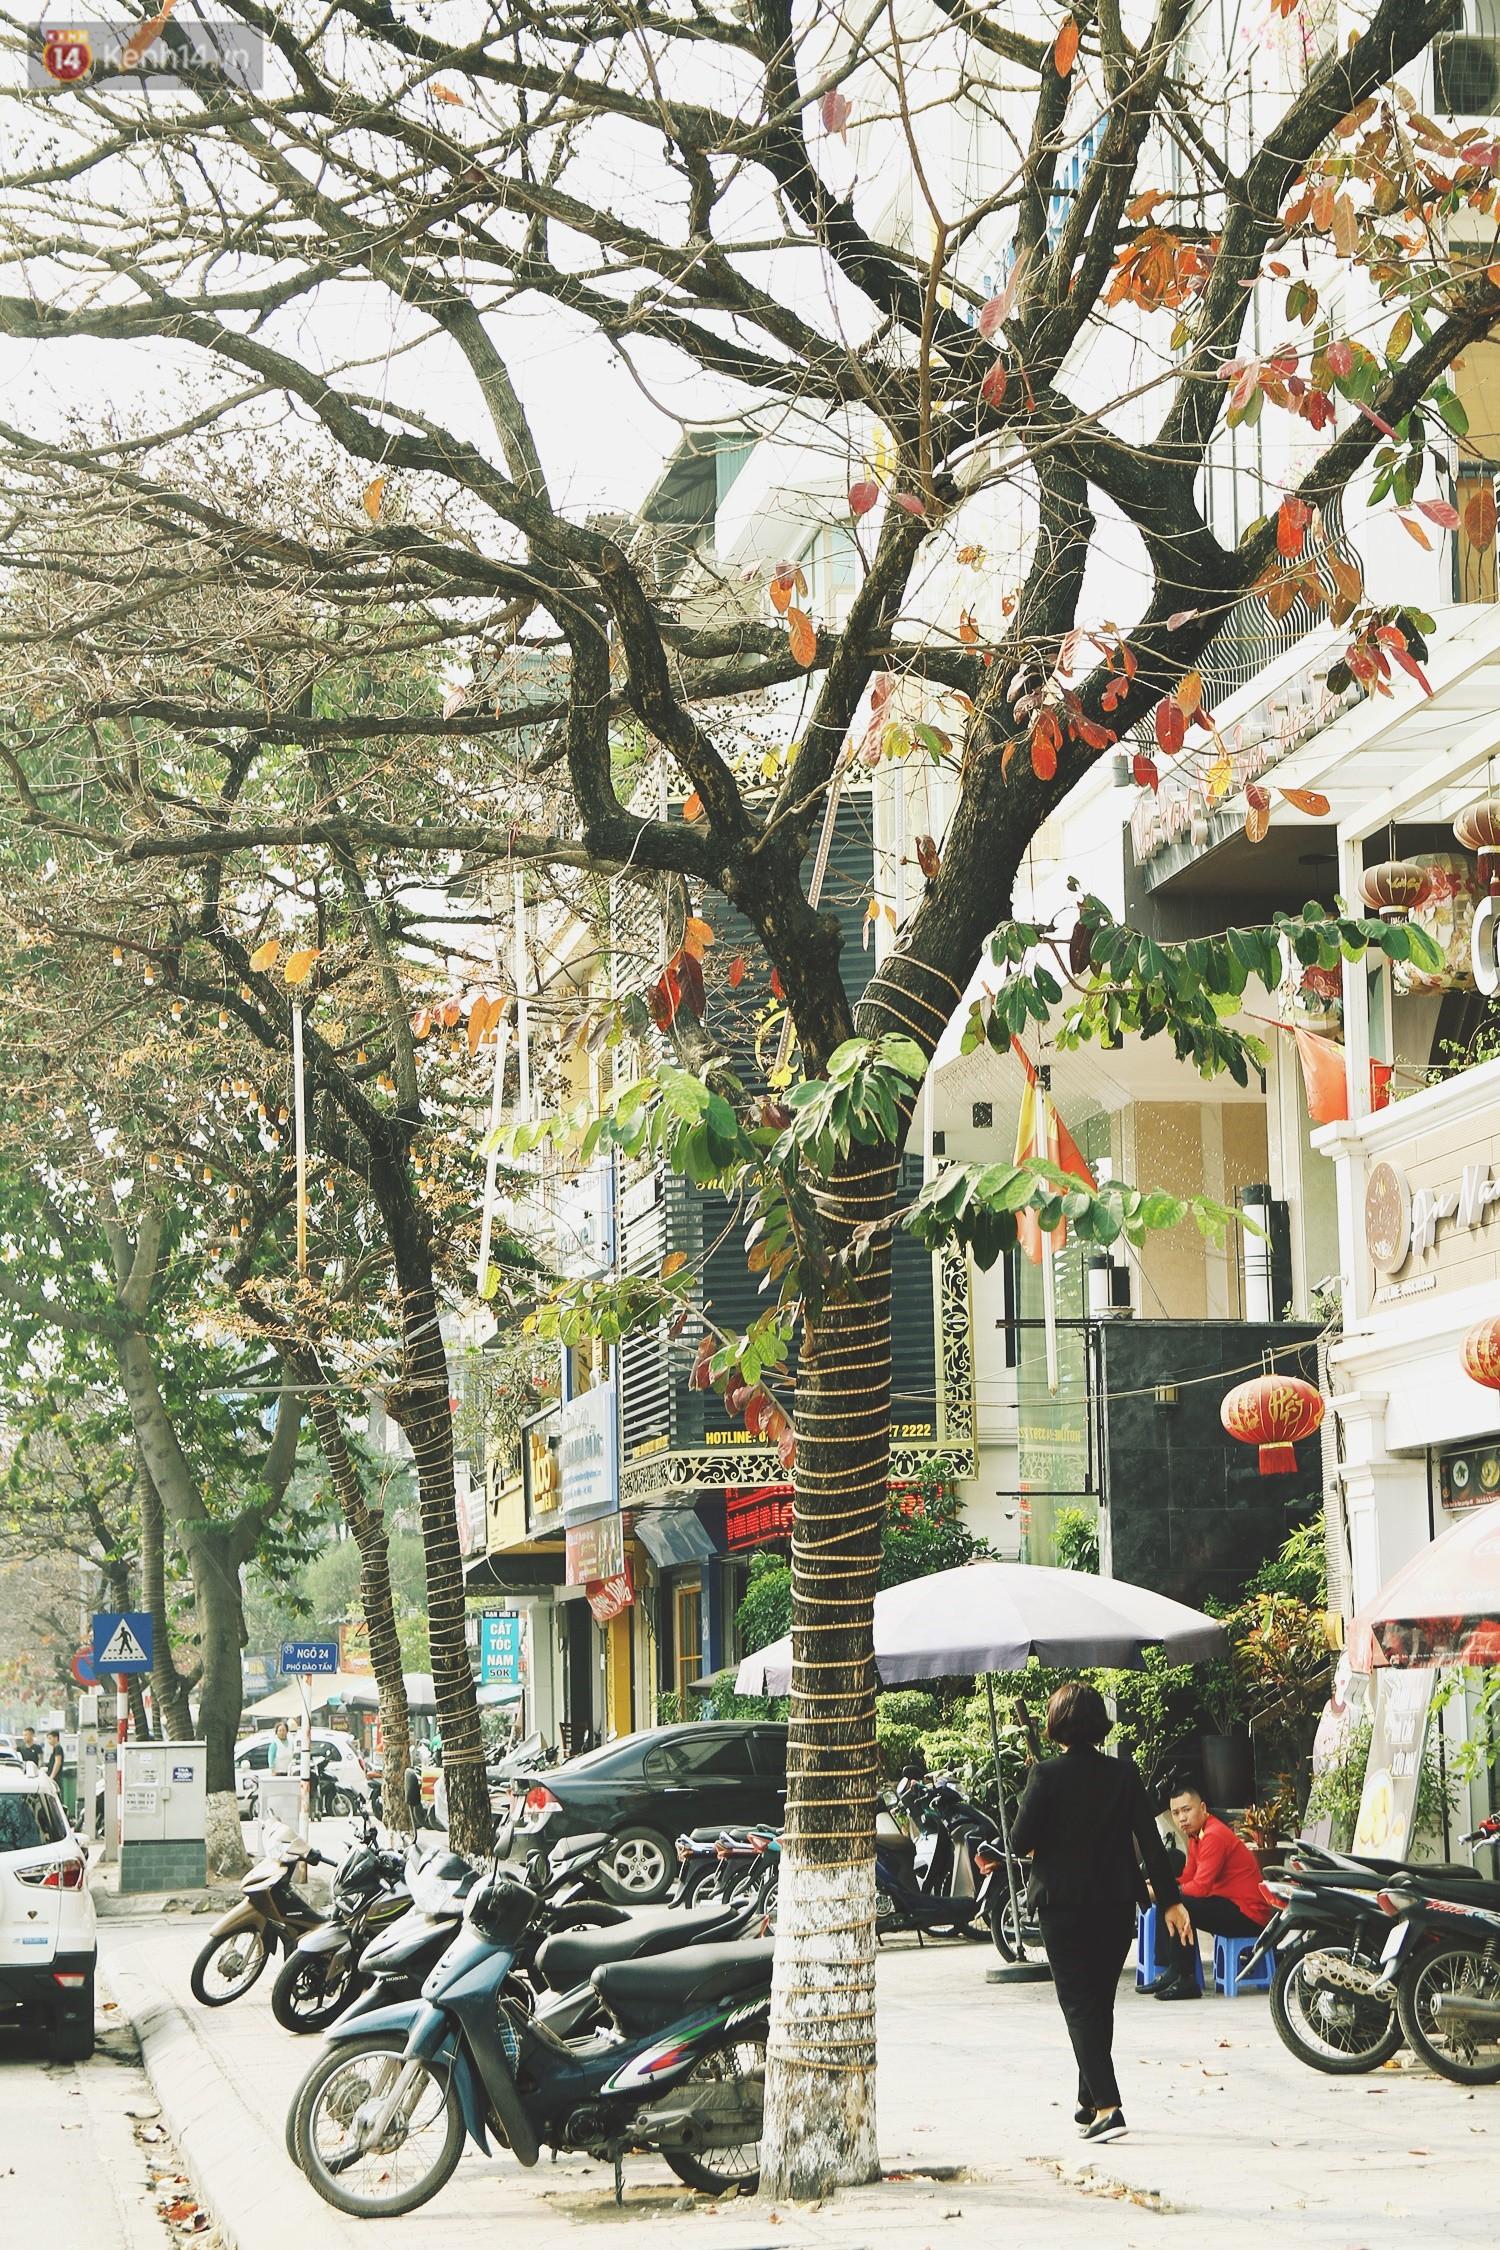 Trong nhiều năm qua, người dân Hà Nội đã đối xử với những hàng cây xanh như thế nào? - Ảnh 3.